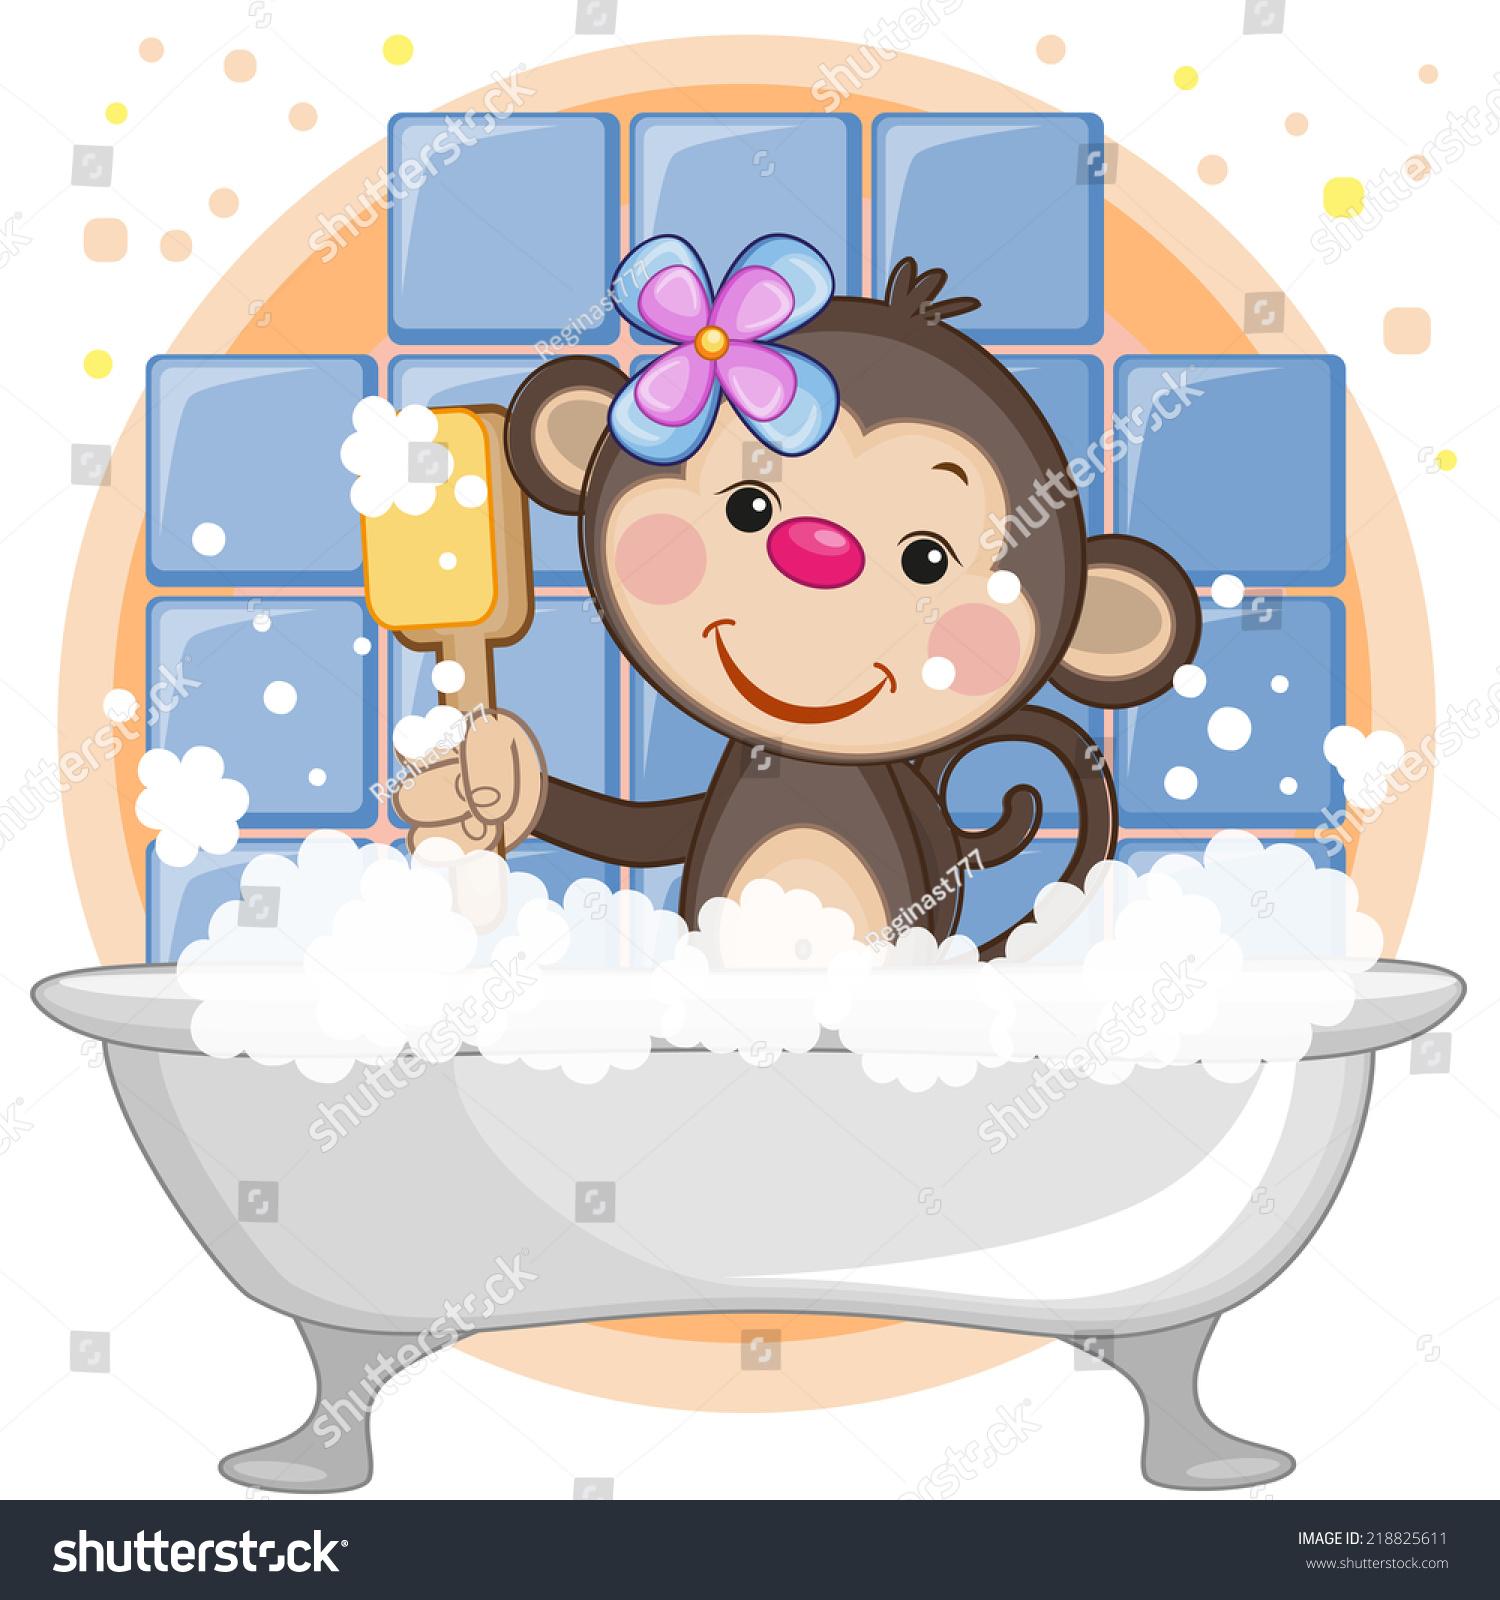 可爱的卡通猴子在浴室里-动物/野生生物-海洛创意()